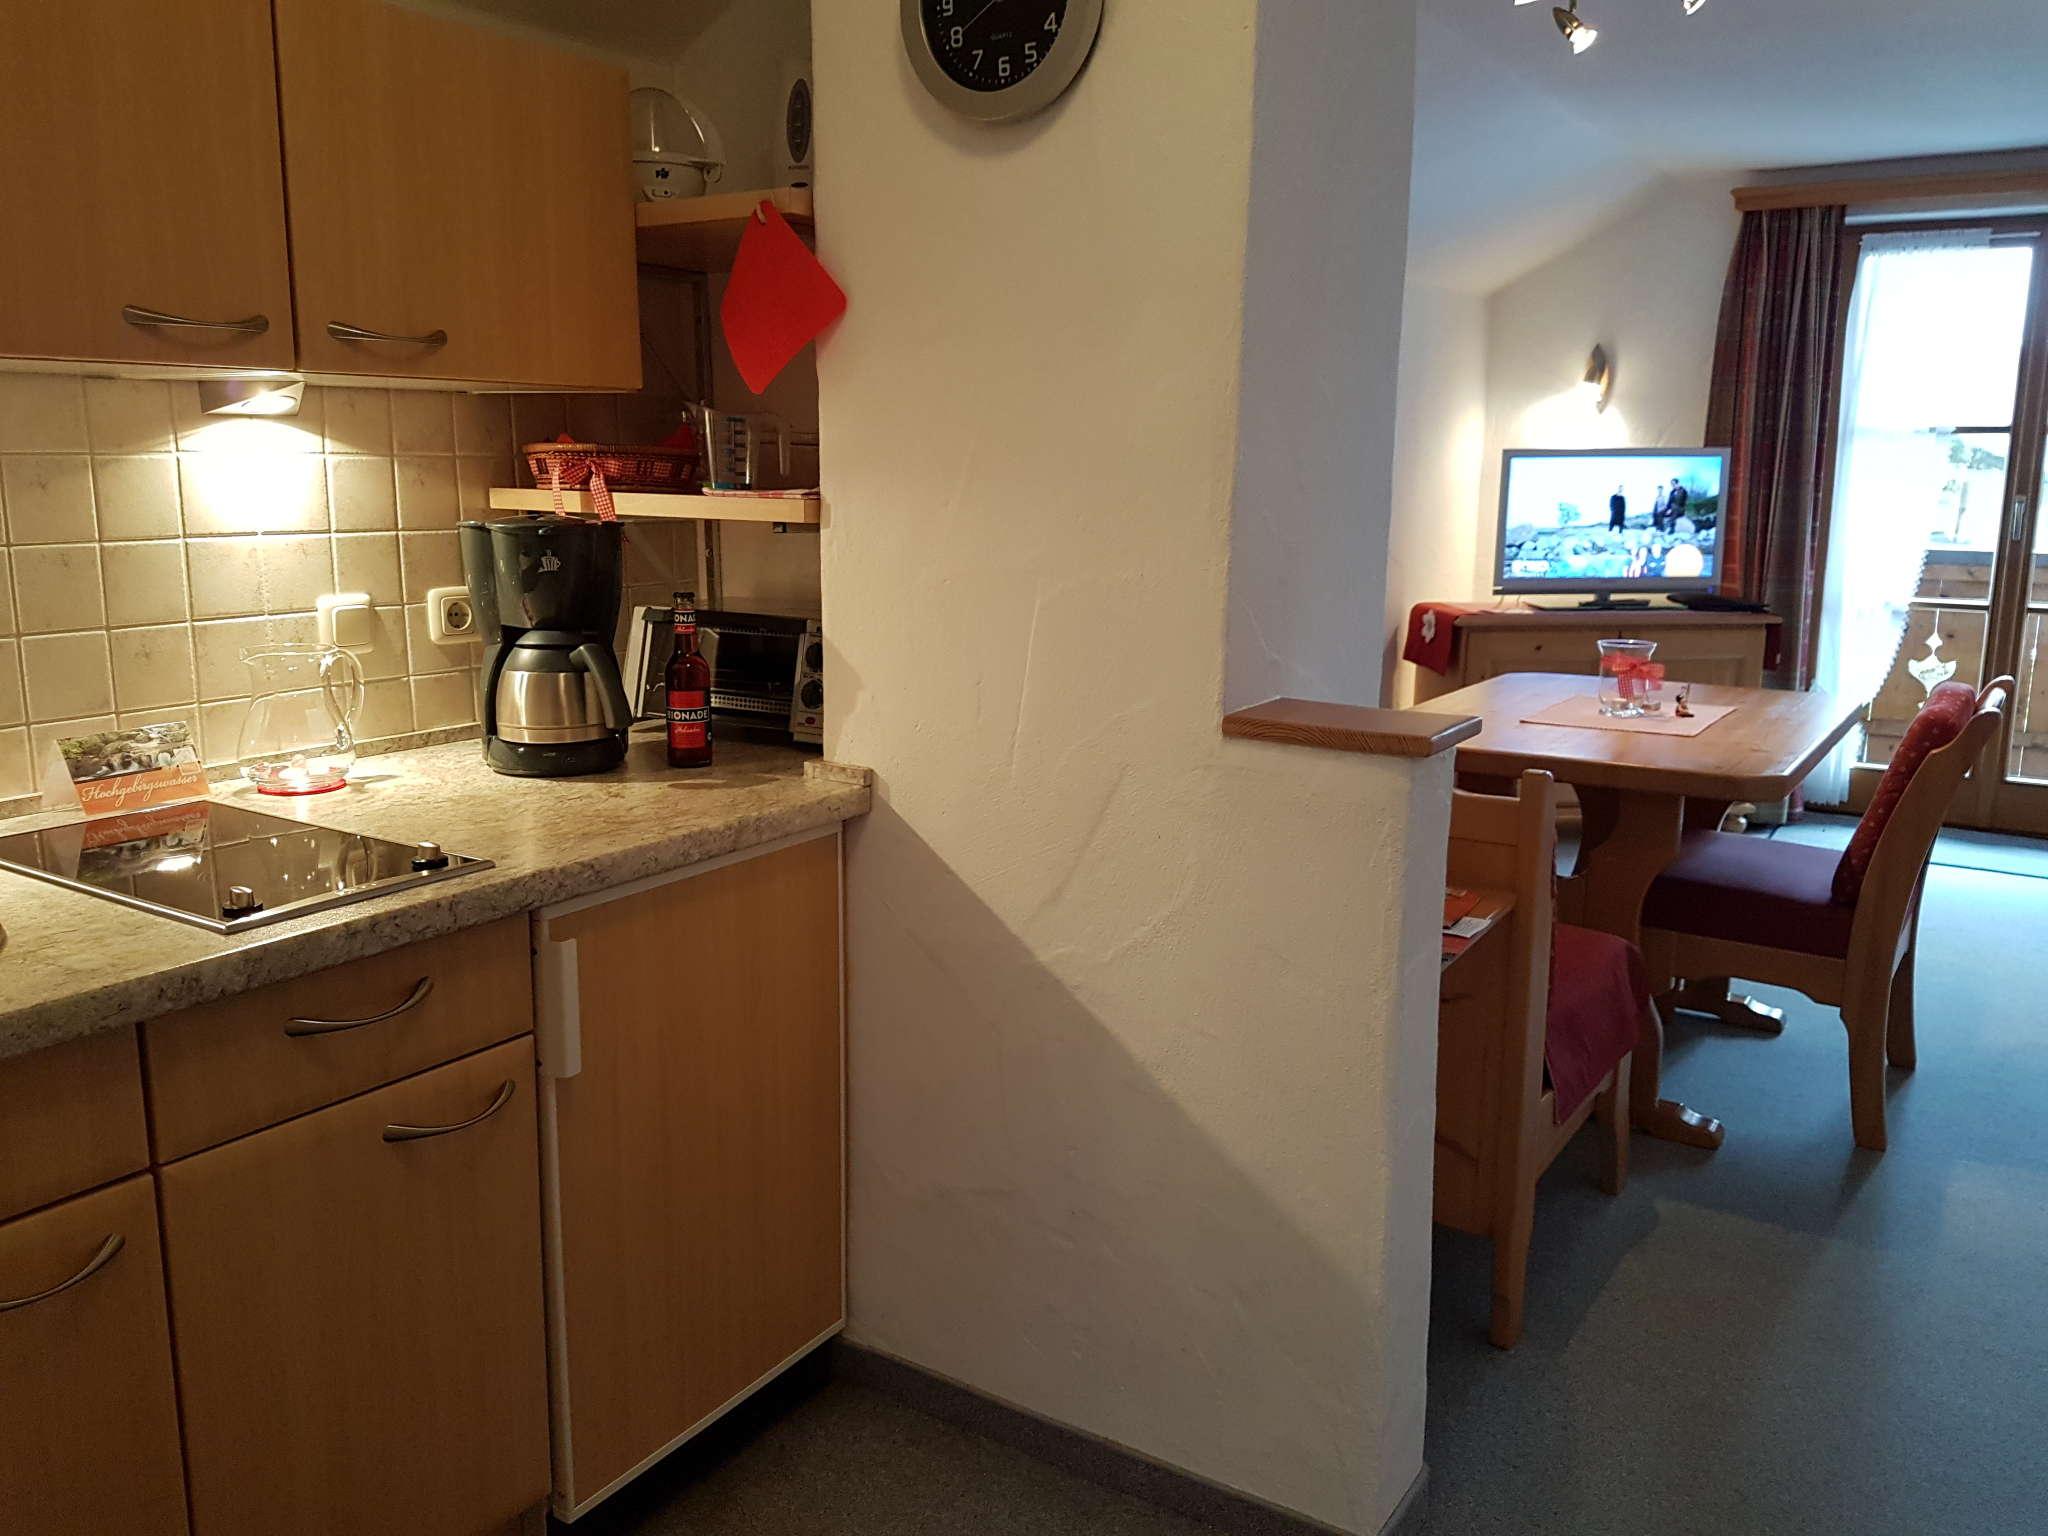 Kochecke mit Blick zum Wohnraum